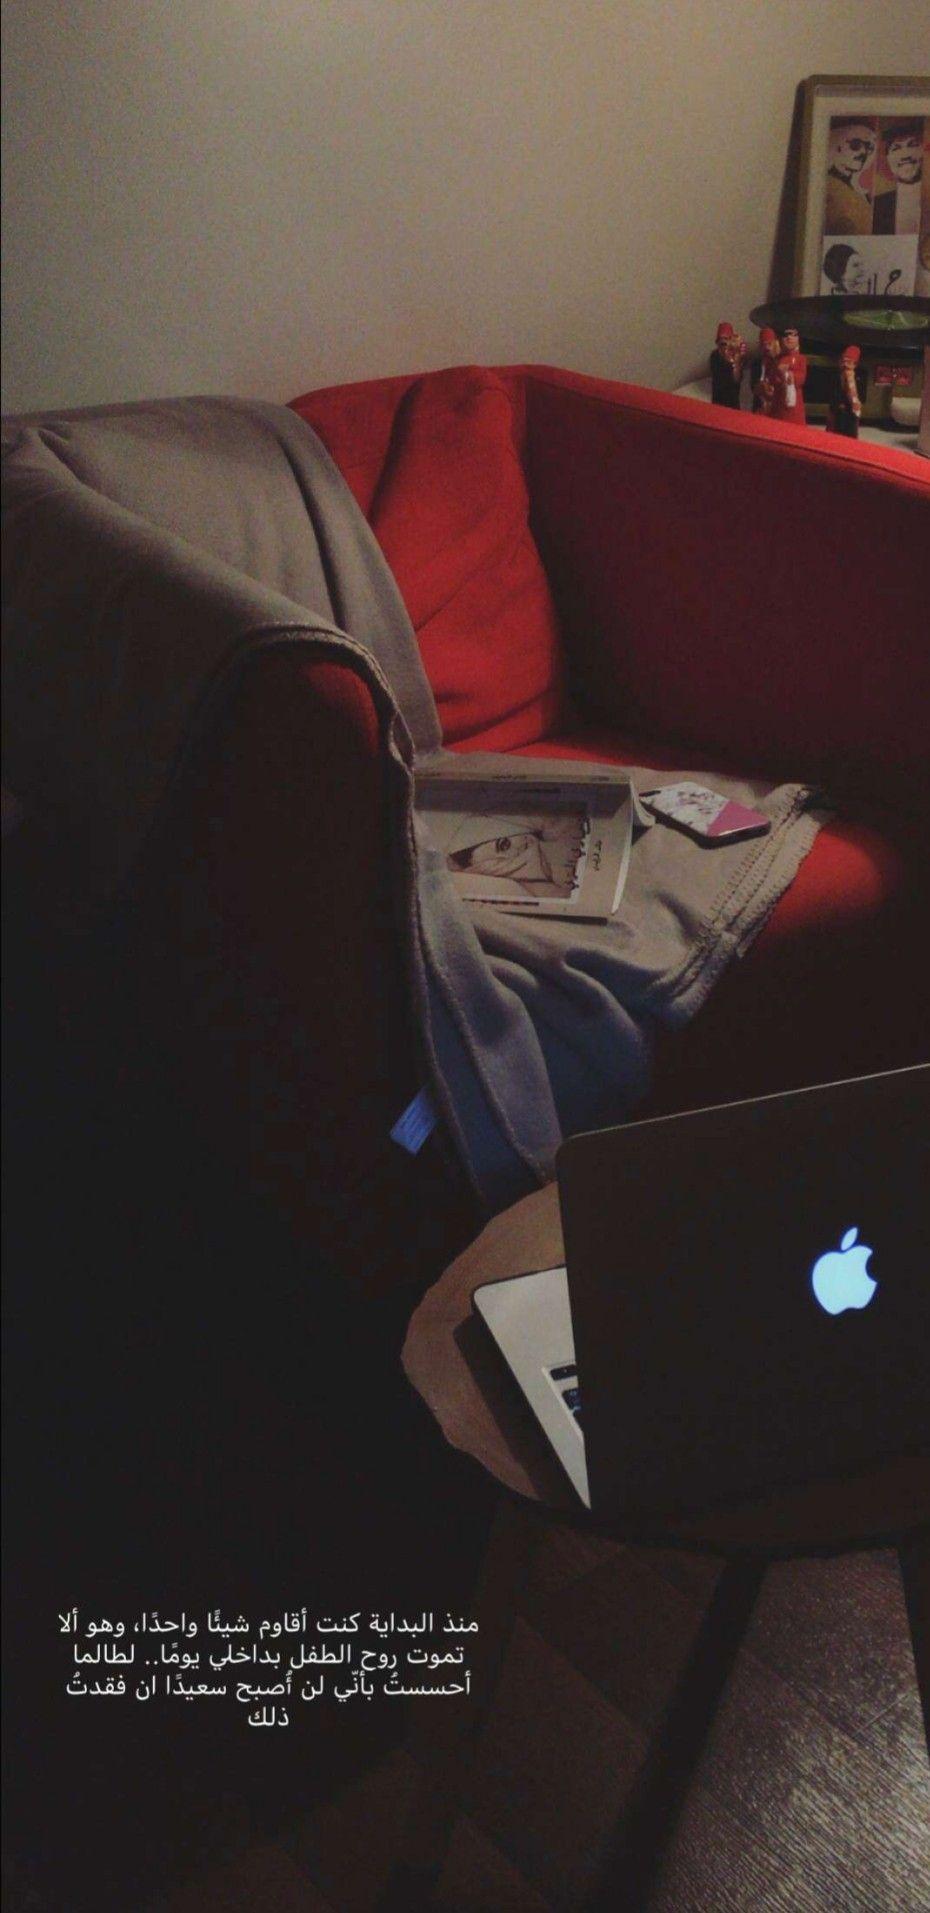 سناب سناب تصوير تصوير سنابات سنابات اقتباسات اقتباسات قهوة قهوة قهوه قهوه صباح صباح صباح الخ Love Quotes Wallpaper Photo Quotes Cool Words